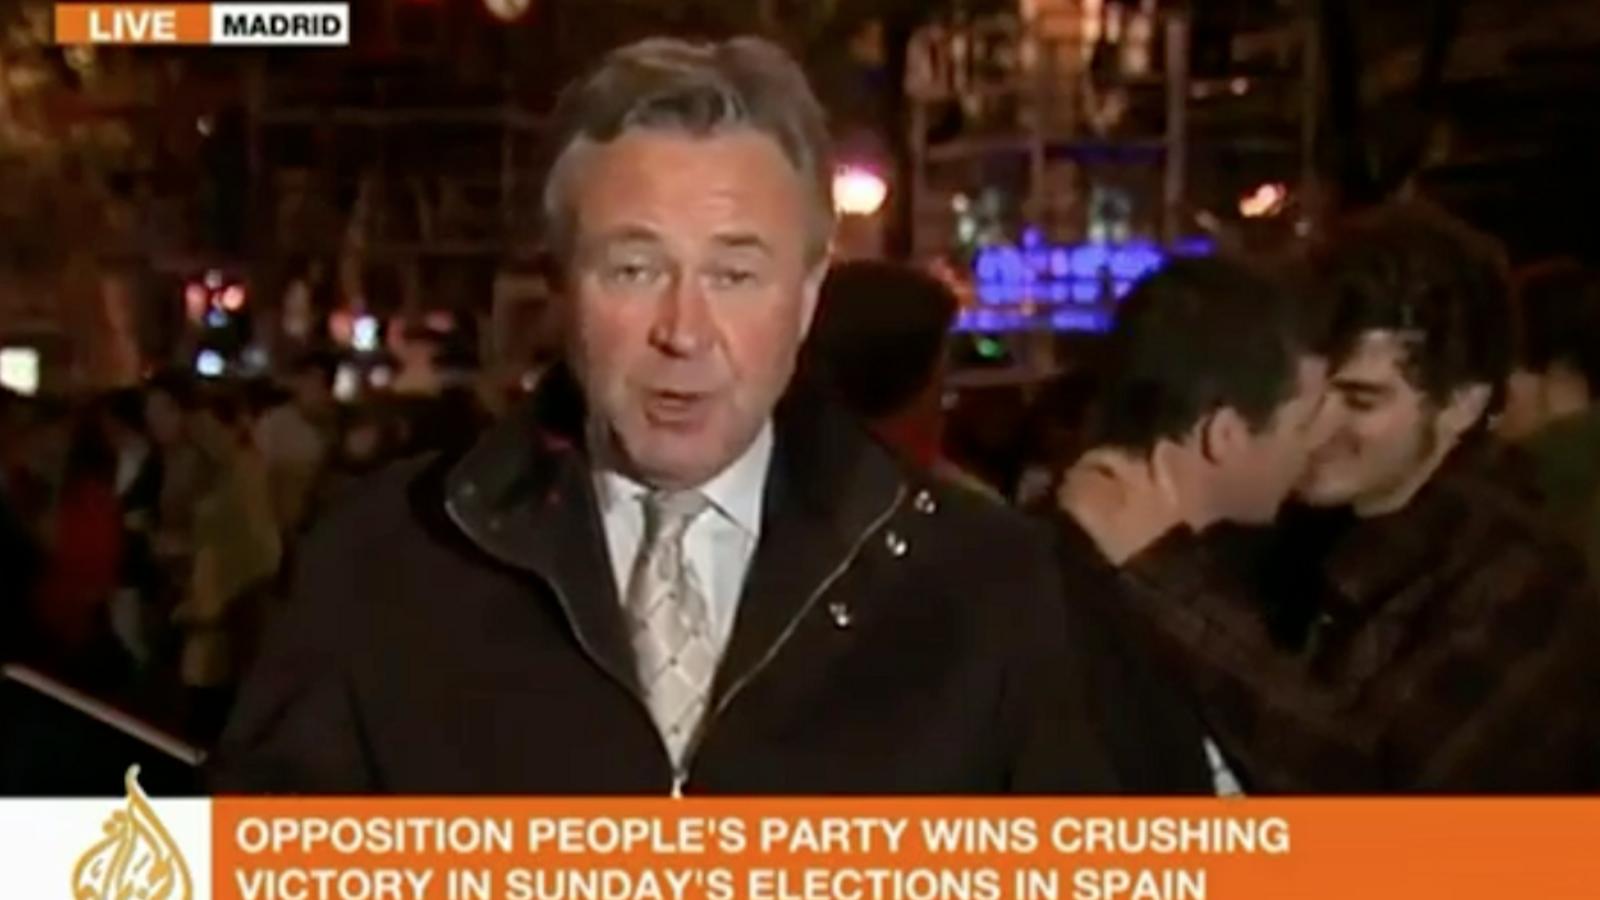 Petó gai davant les càmeres d'Al Jazeera en la celebració de la victòria del PP